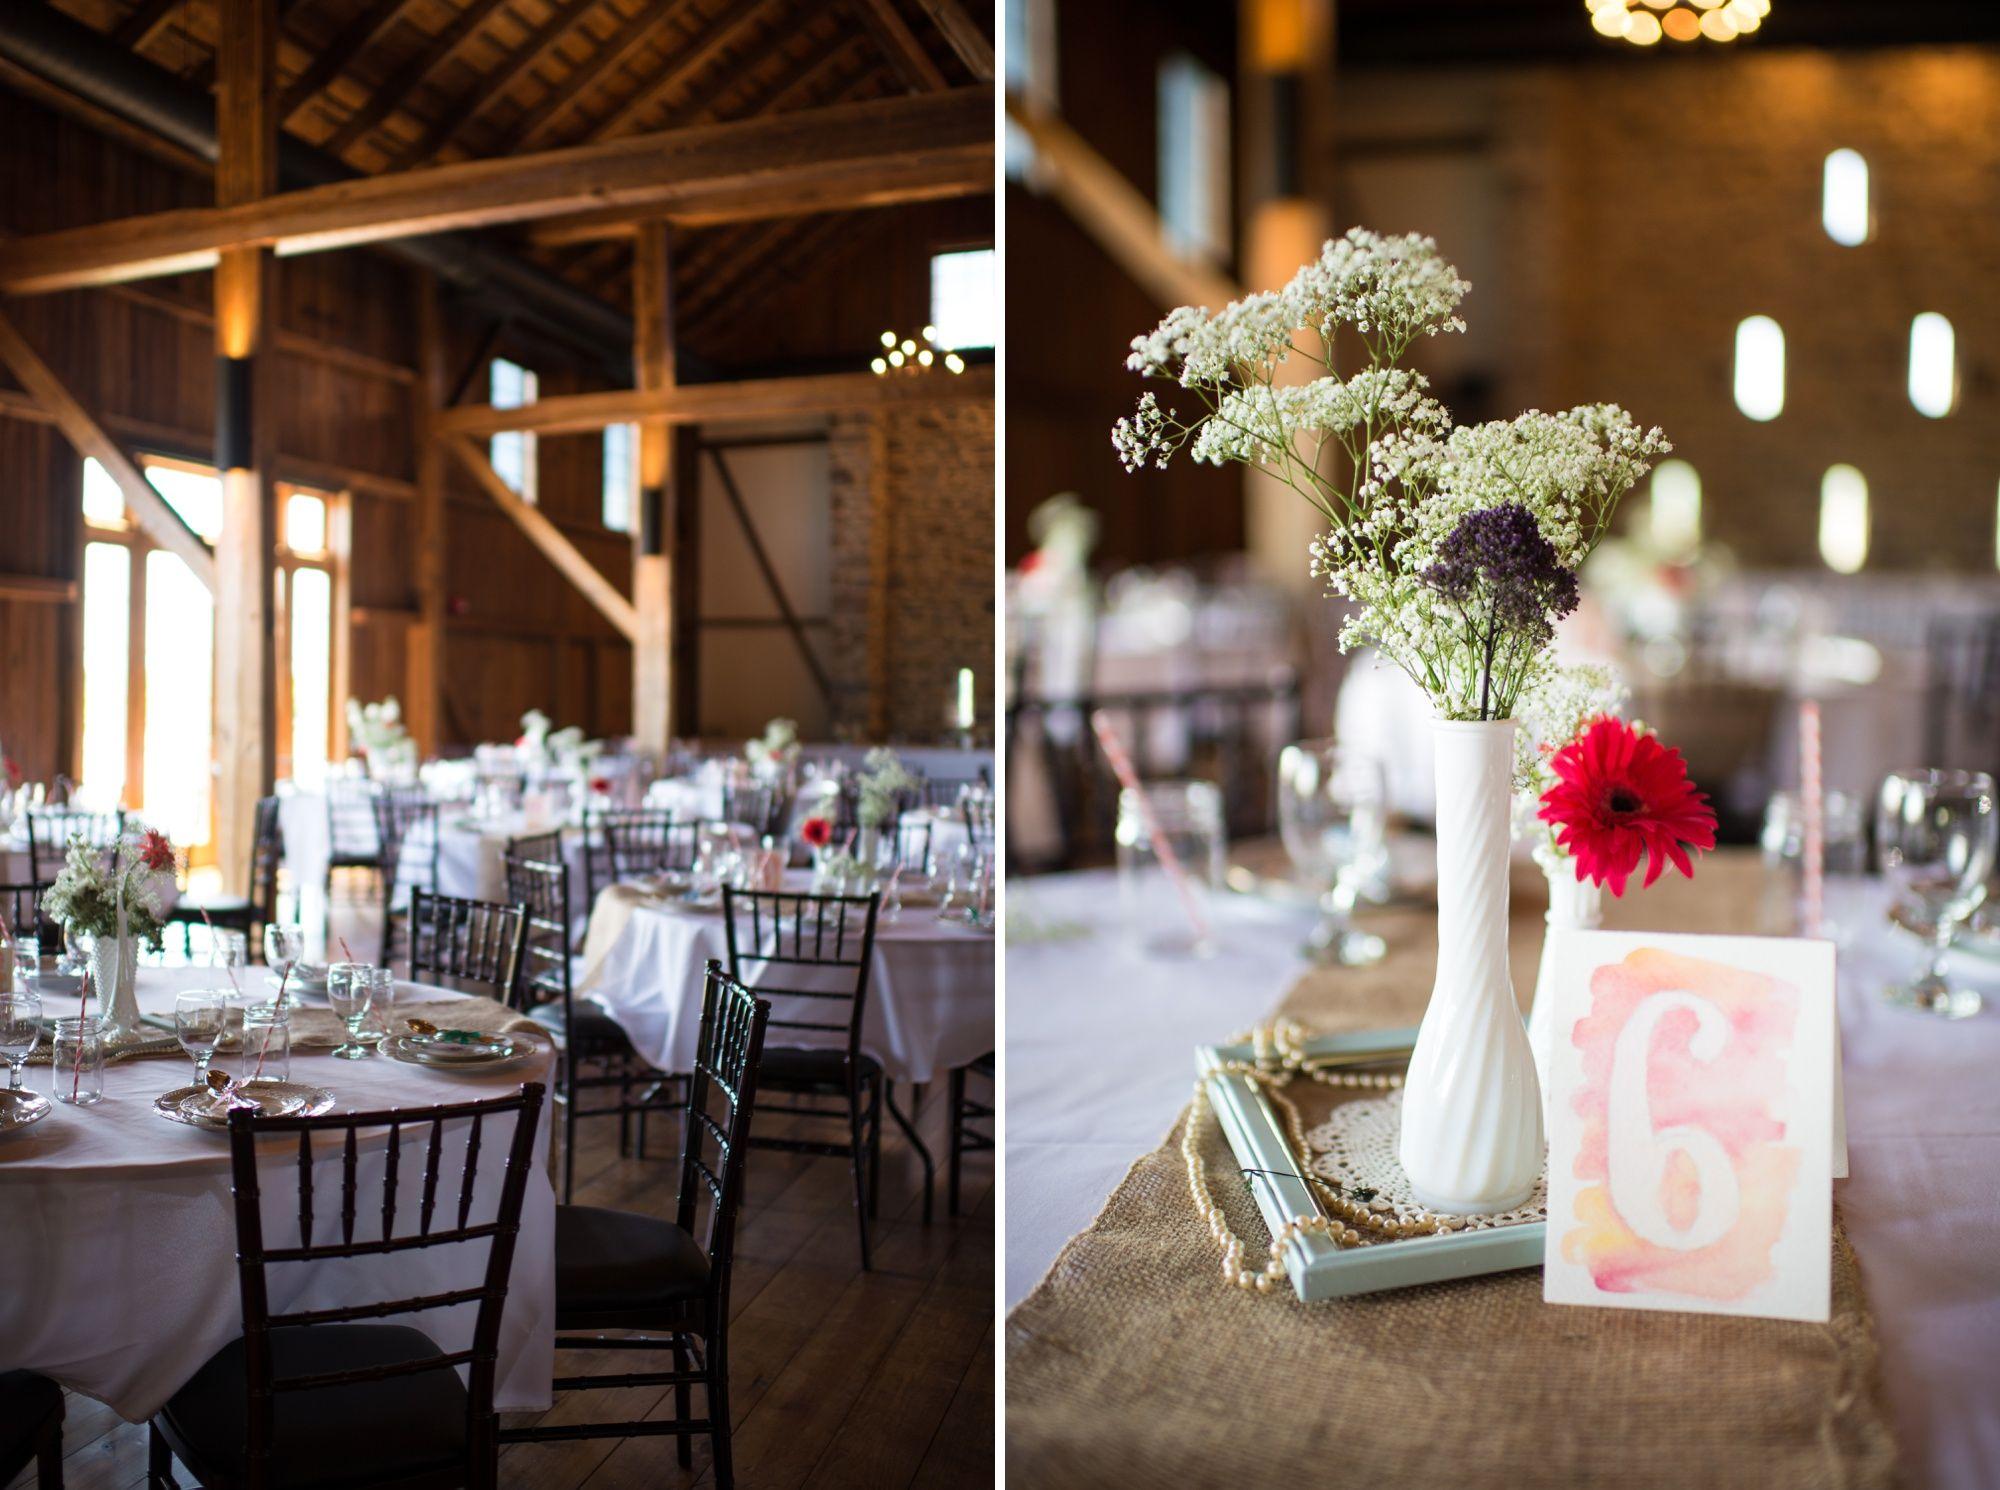 Farm wedding decor ideas  Harvest View at Hershey Farms Barn Wedding  Addie Eshelman